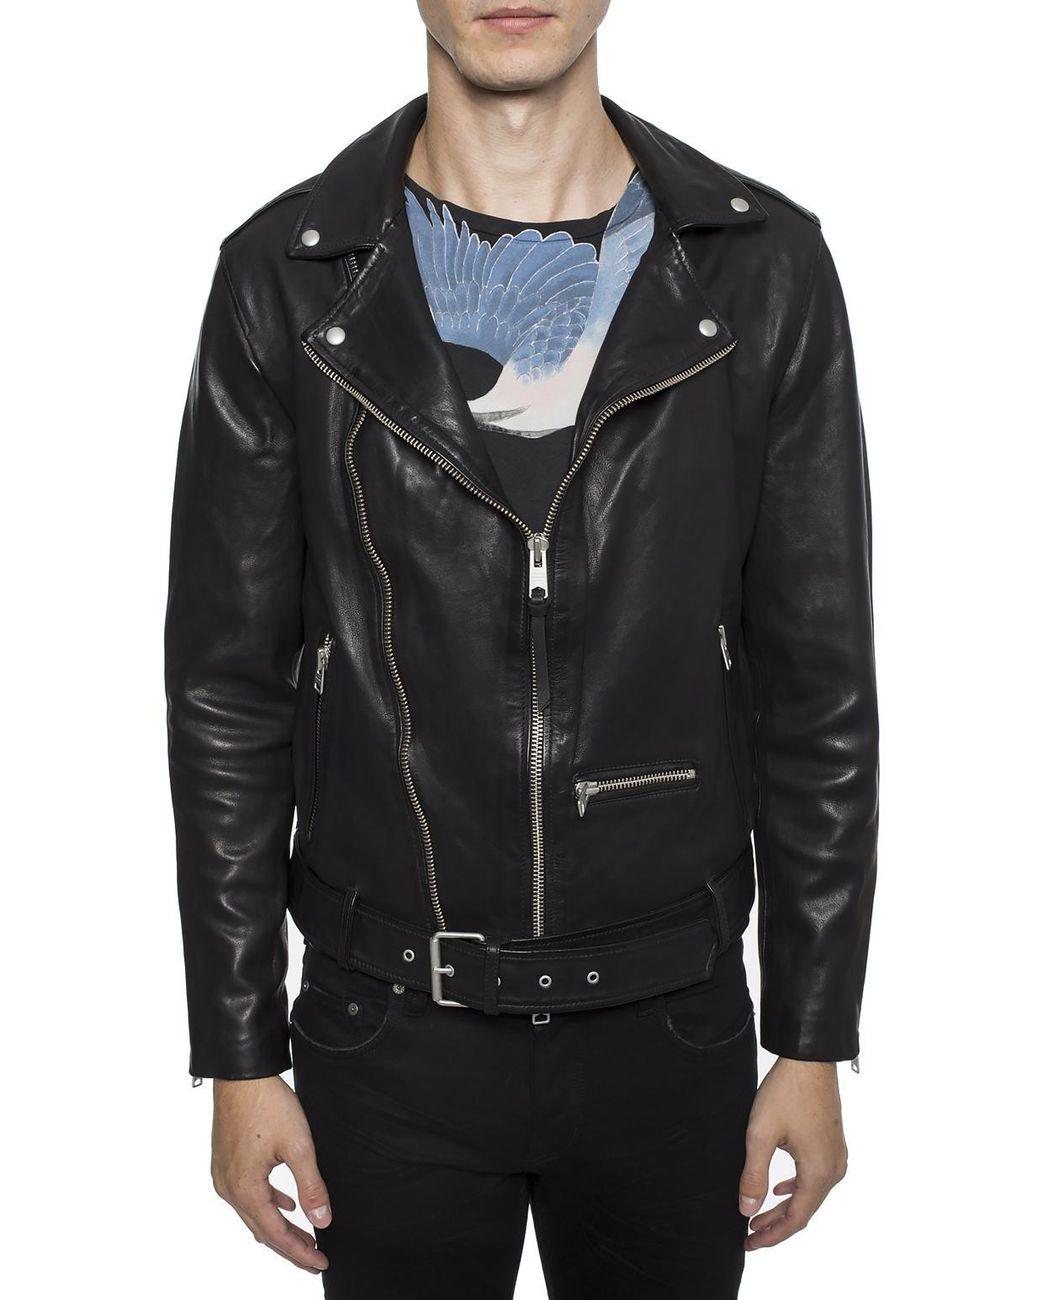 8330bef843 AllSaints 'wick' Biker Jacket in Black for Men - Lyst